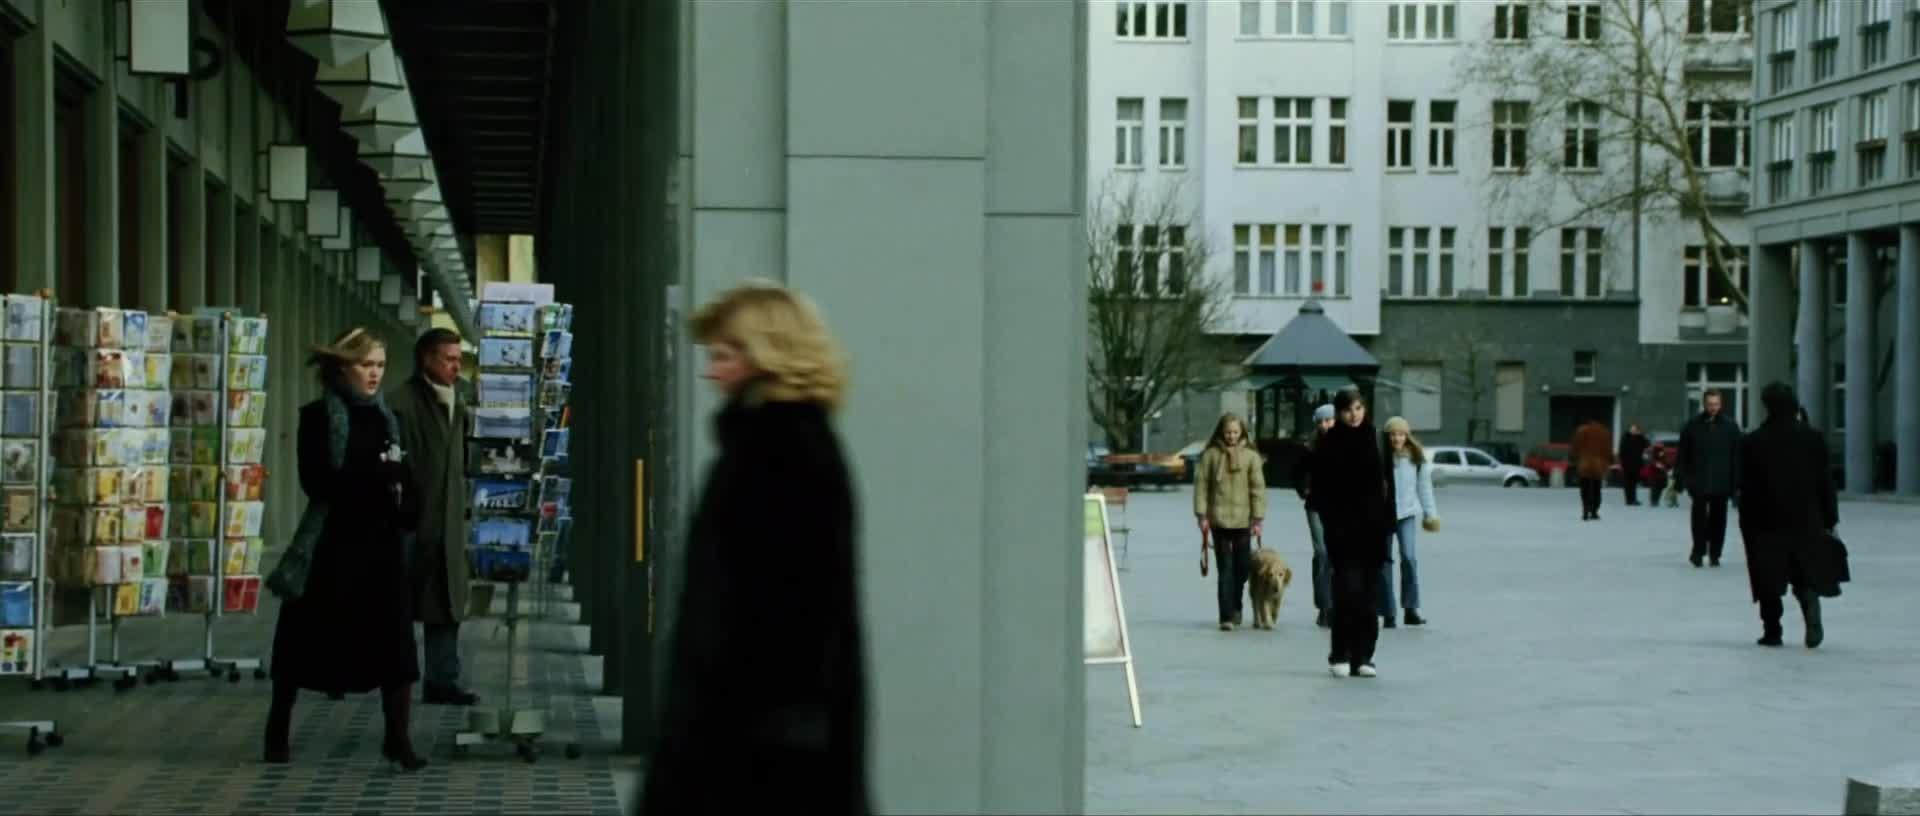 豆瓣高分《谍影重重2》这个镜头你们看懂了吗